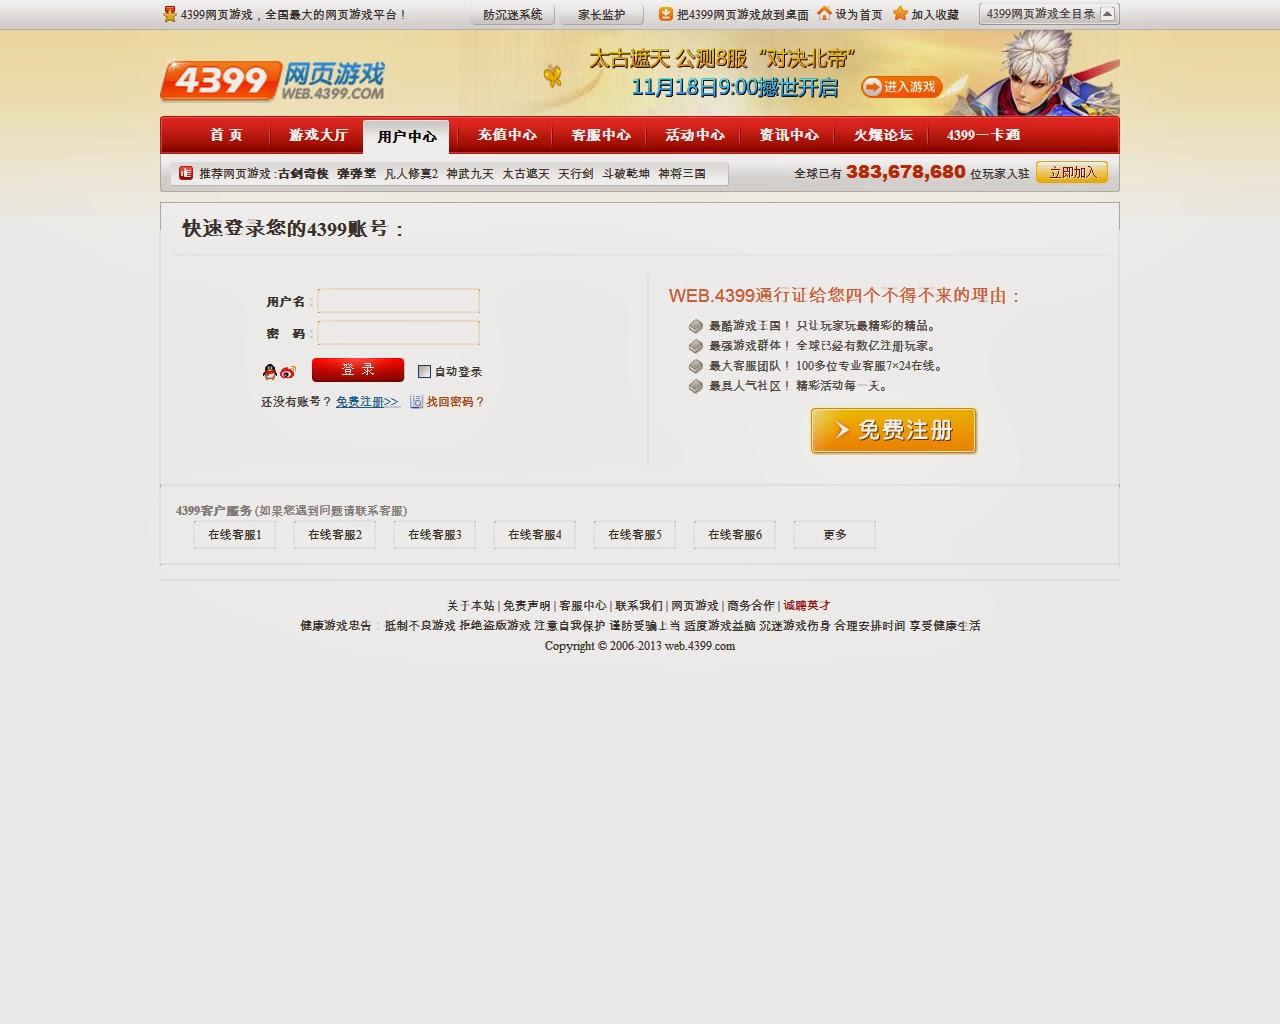 B1: Đăng nhập với account cần đổi mật khẩu (http://web.4399.com/user/login.php?)  Chú Giải: 用户名:tên đăng nhập 用户名: mật khẩu : đăng nhập